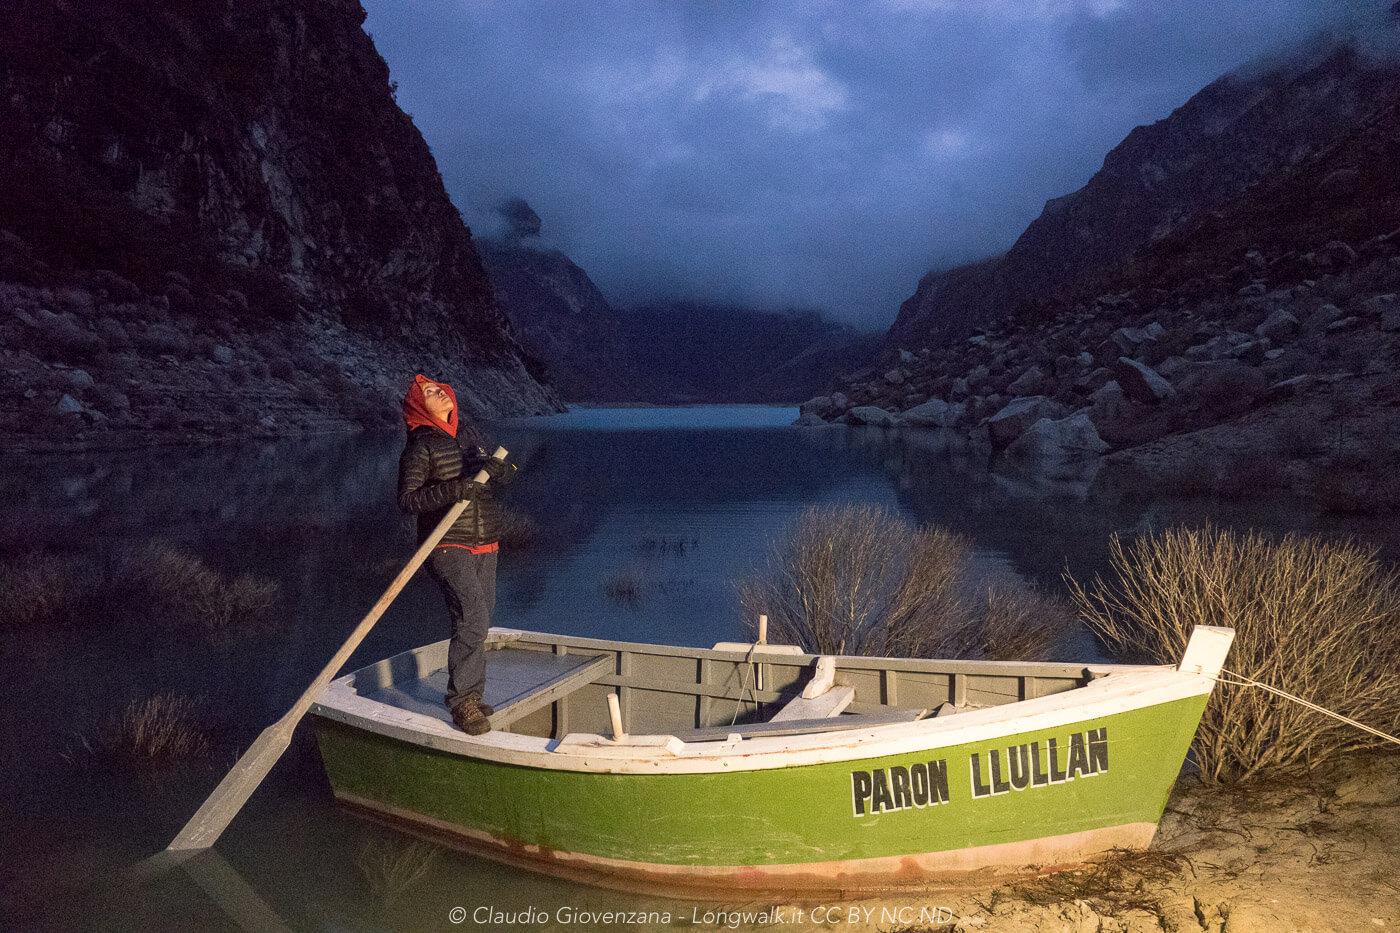 Uno scatto notturno sul lago Paron in perù